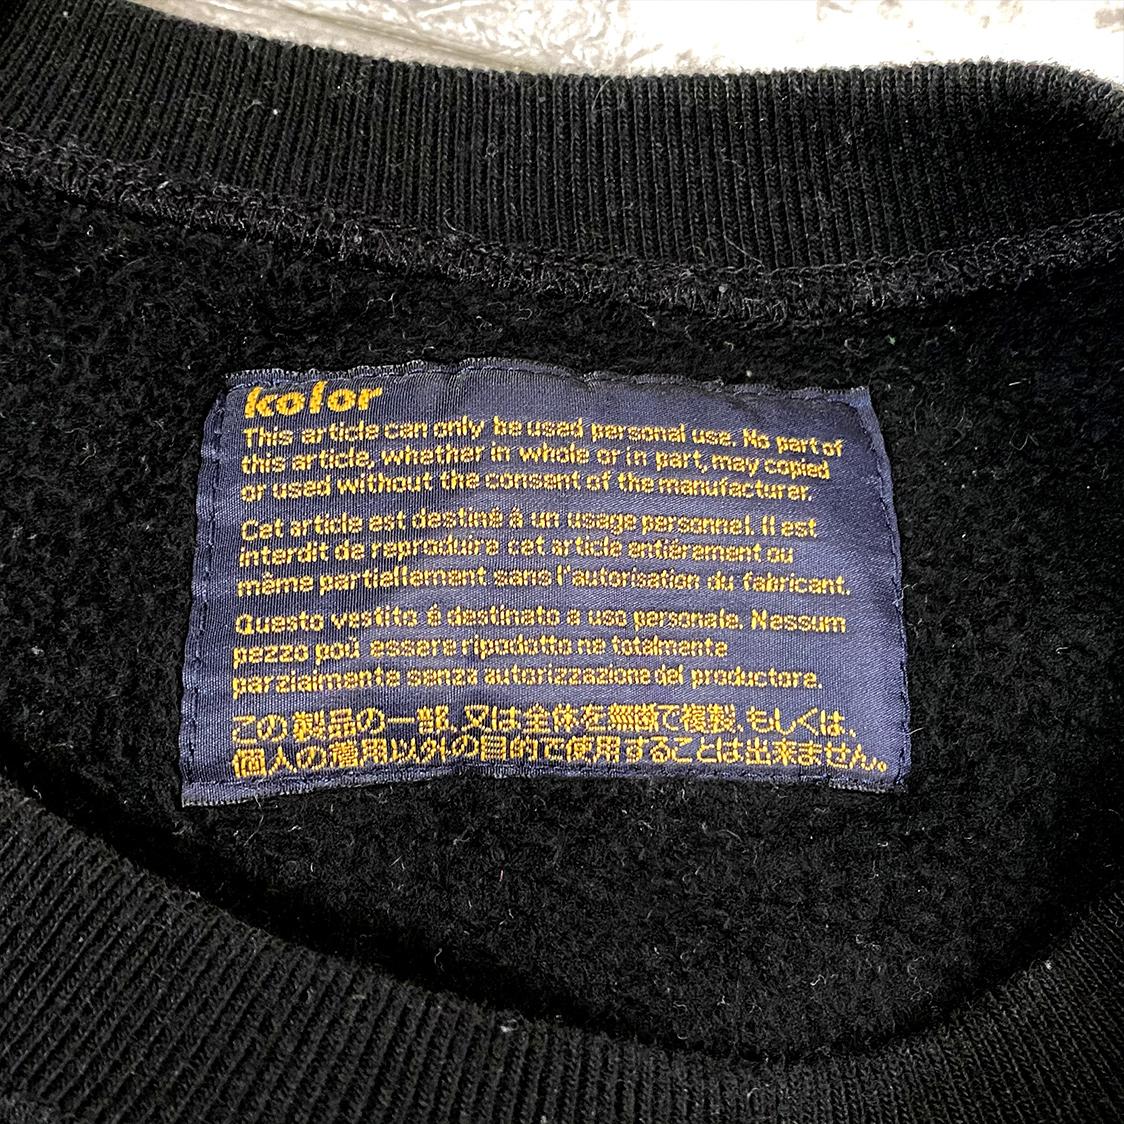 kolor カラー 【サイズ3】 ファイヤー ワッペン スウェット シャツ クルーネック ブラック 刺繍 / sacai サカイ